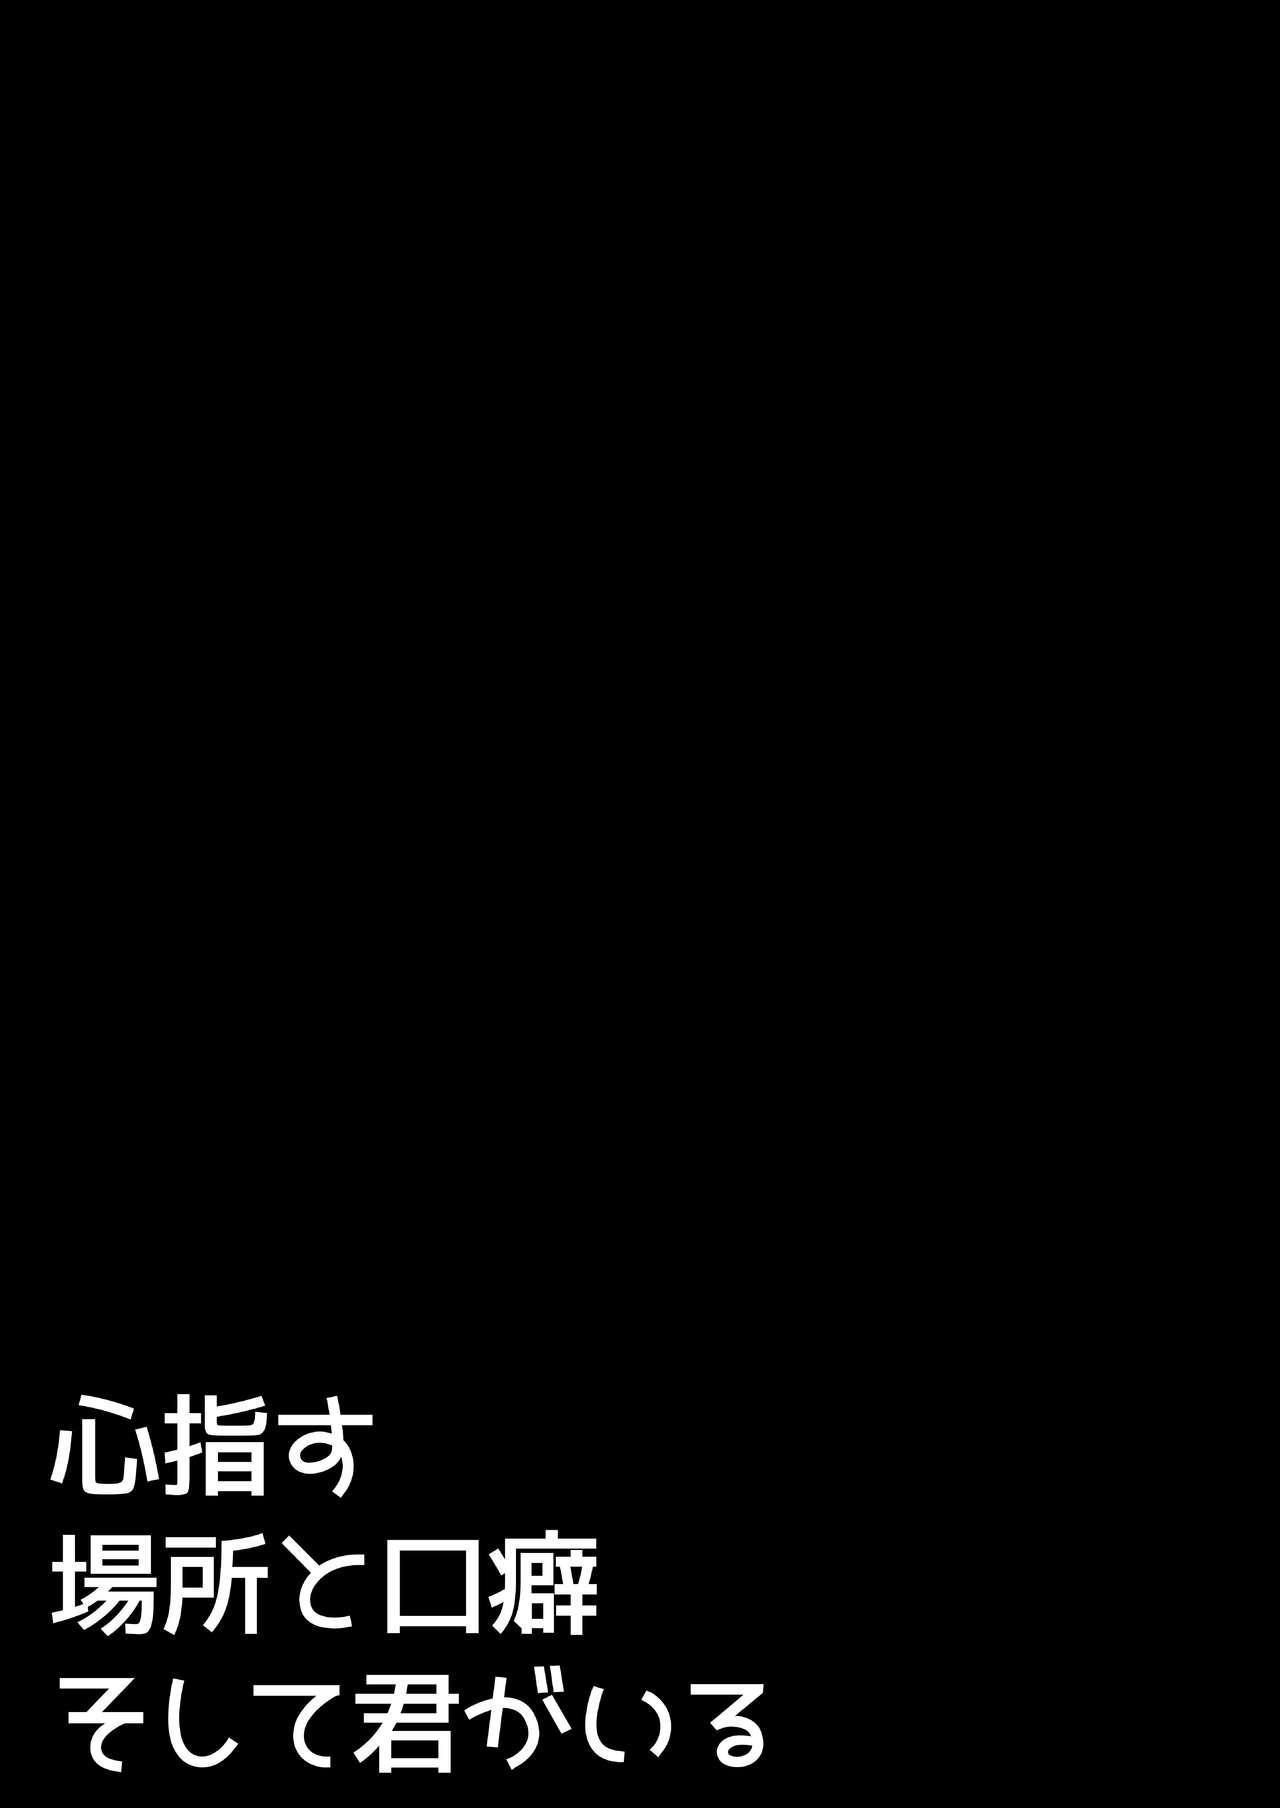 Kokoro ga Sasu Basho to Kuchiguse Soshite Kimi ga Iru 13